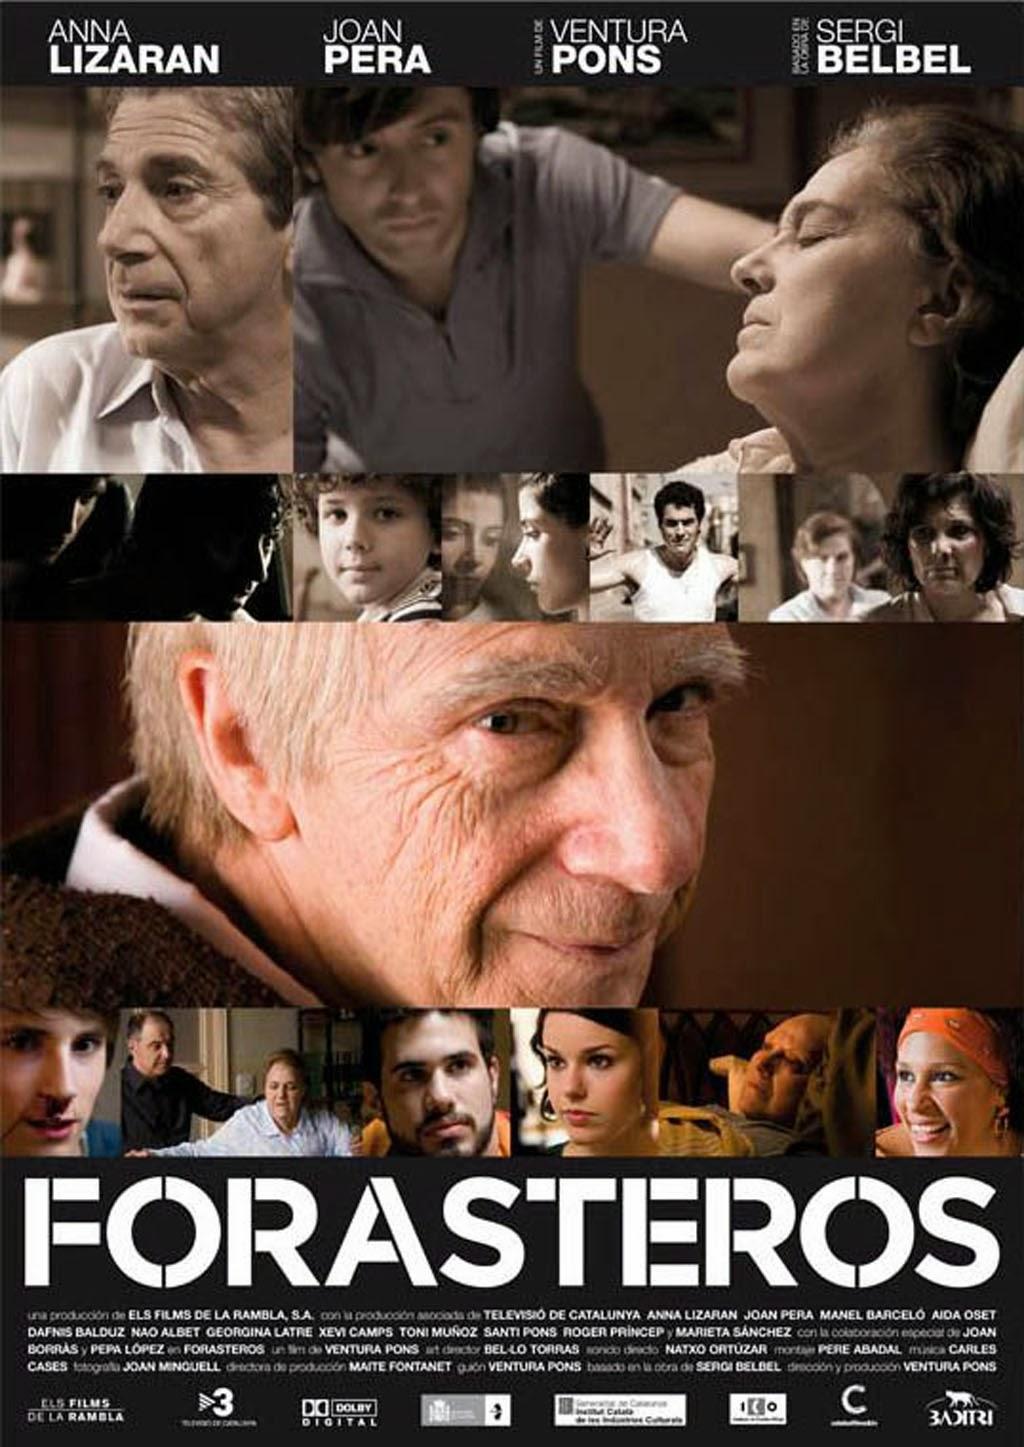 Ver Forasters (Forasteros) (2008) Online